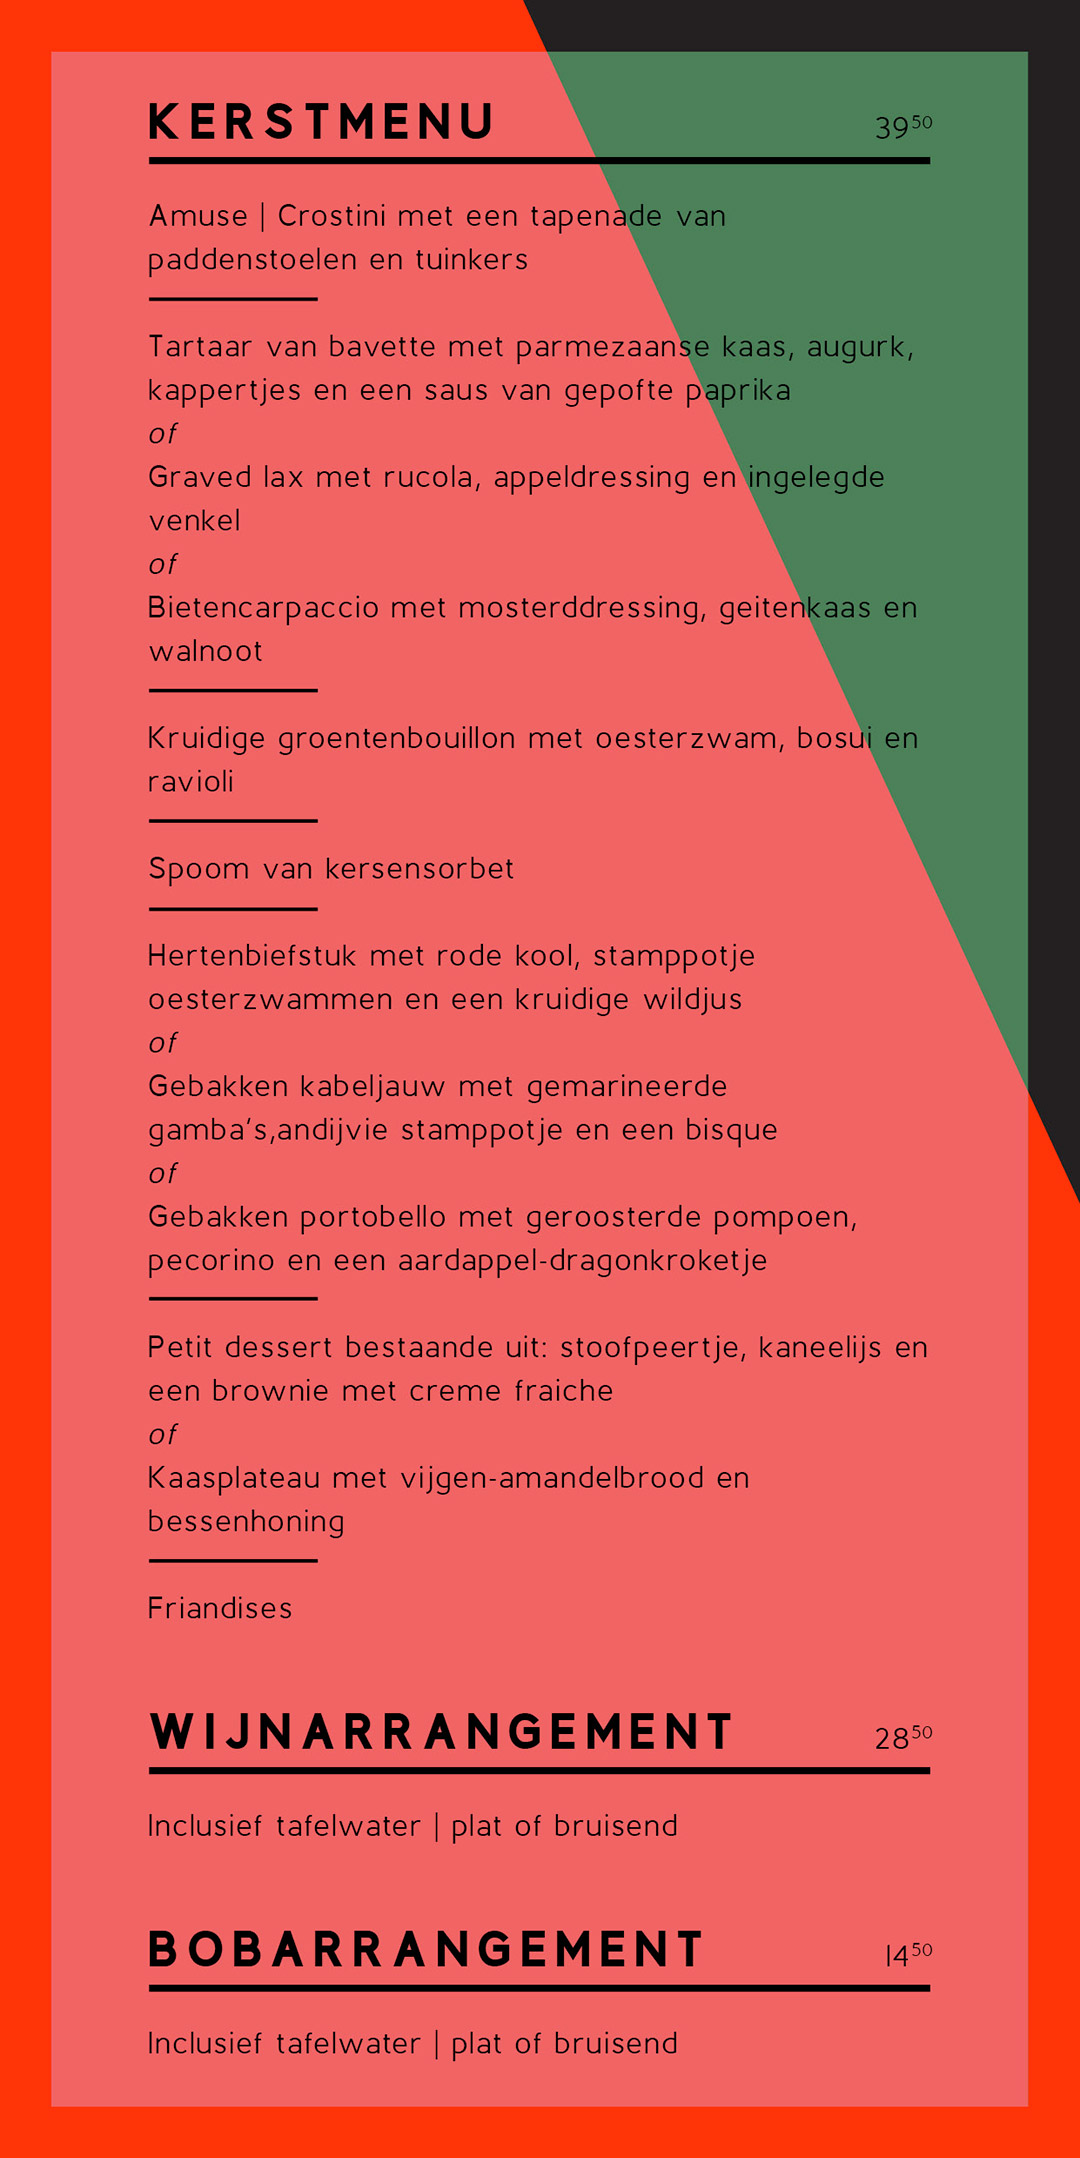 Kerst | Menu | Restaurant Het Magazijn | Dordrecht